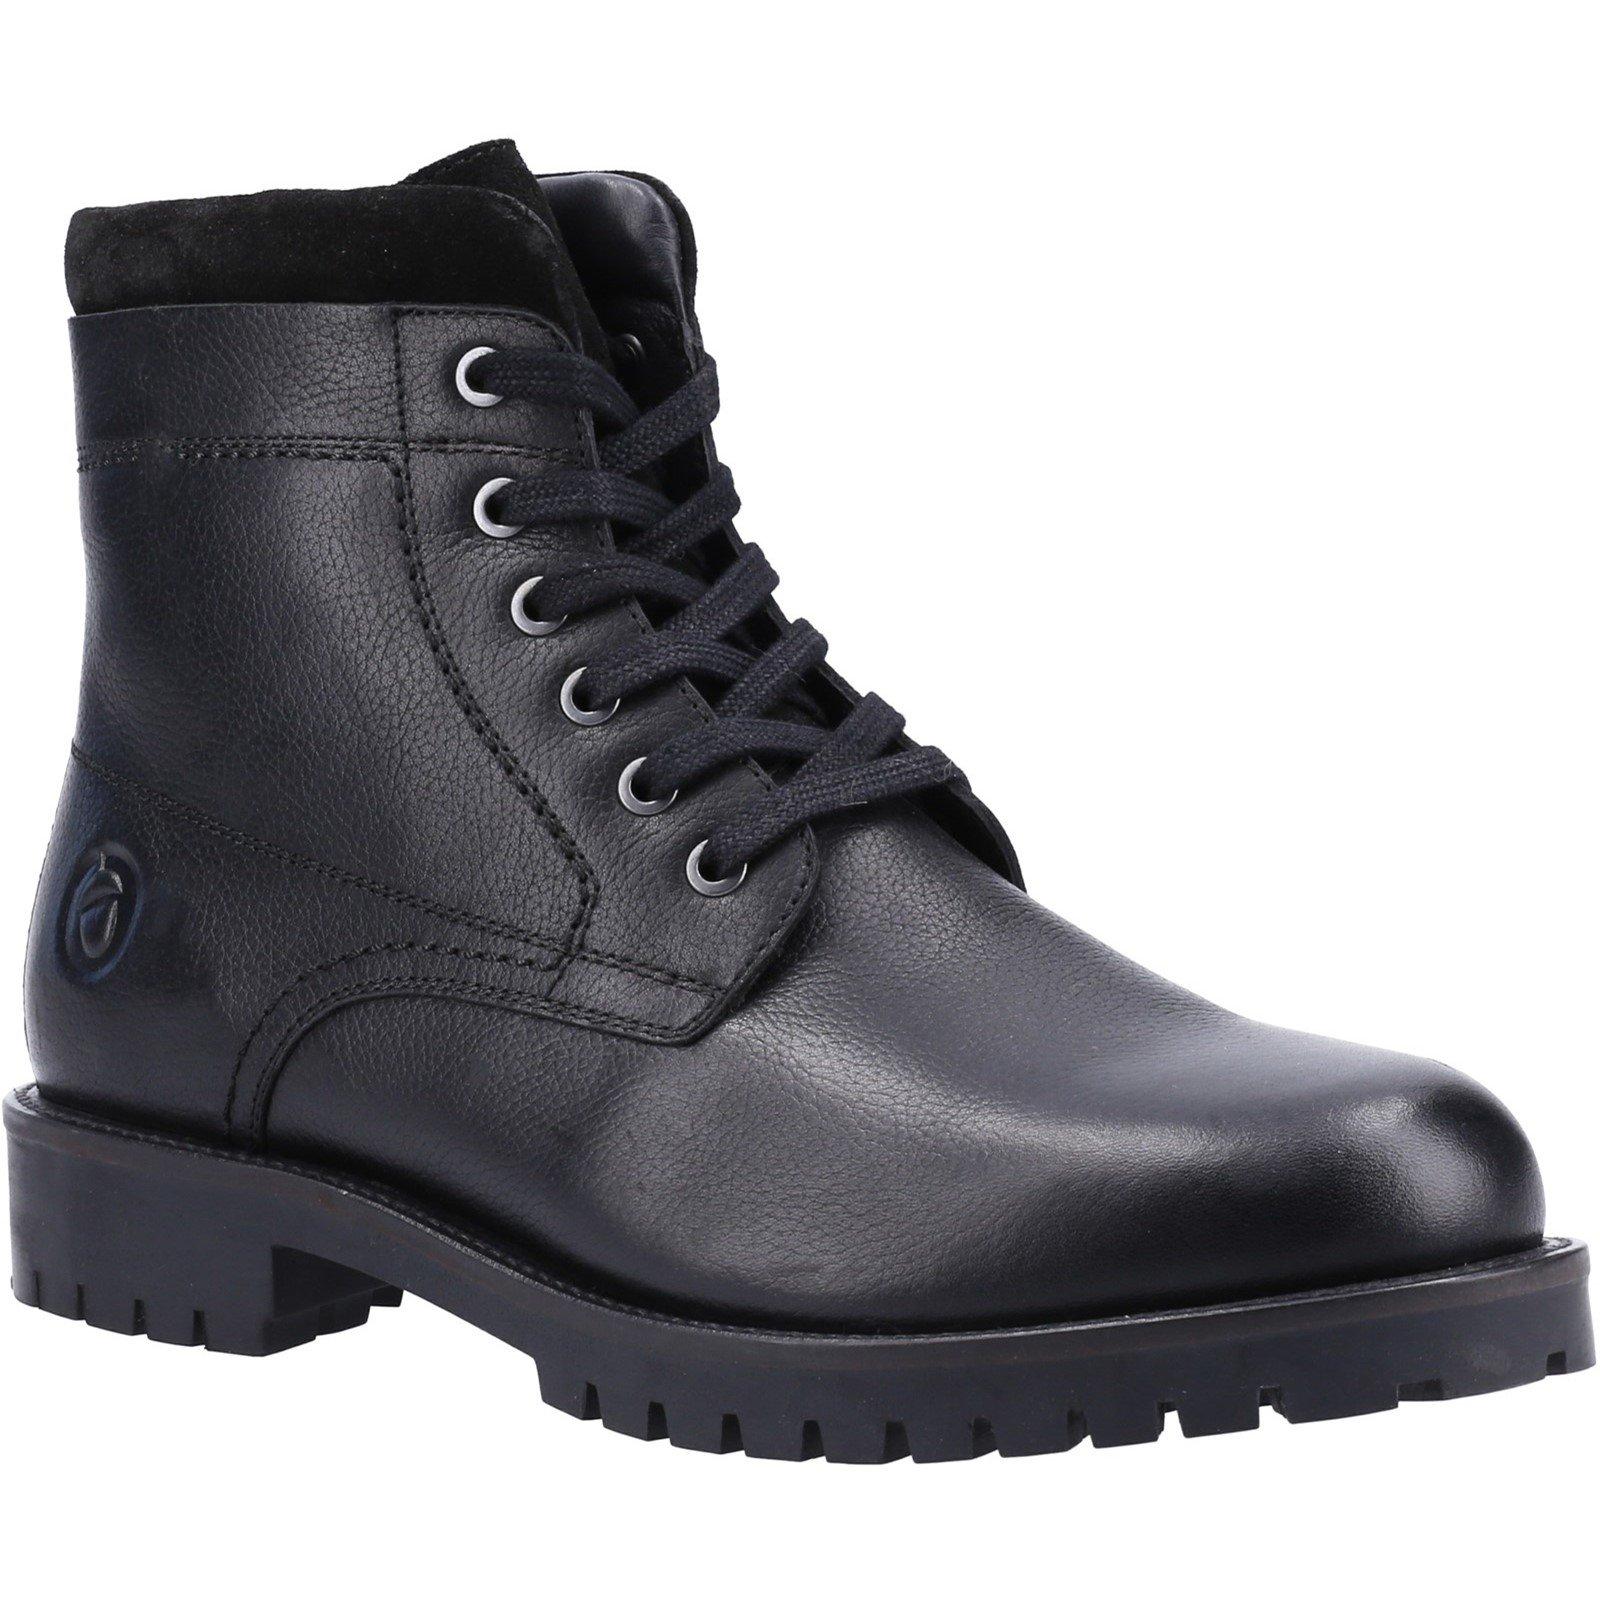 Cotswold Men's Thorsbury Lace Up Shoe Boot Various Colours 32963 - Black 11